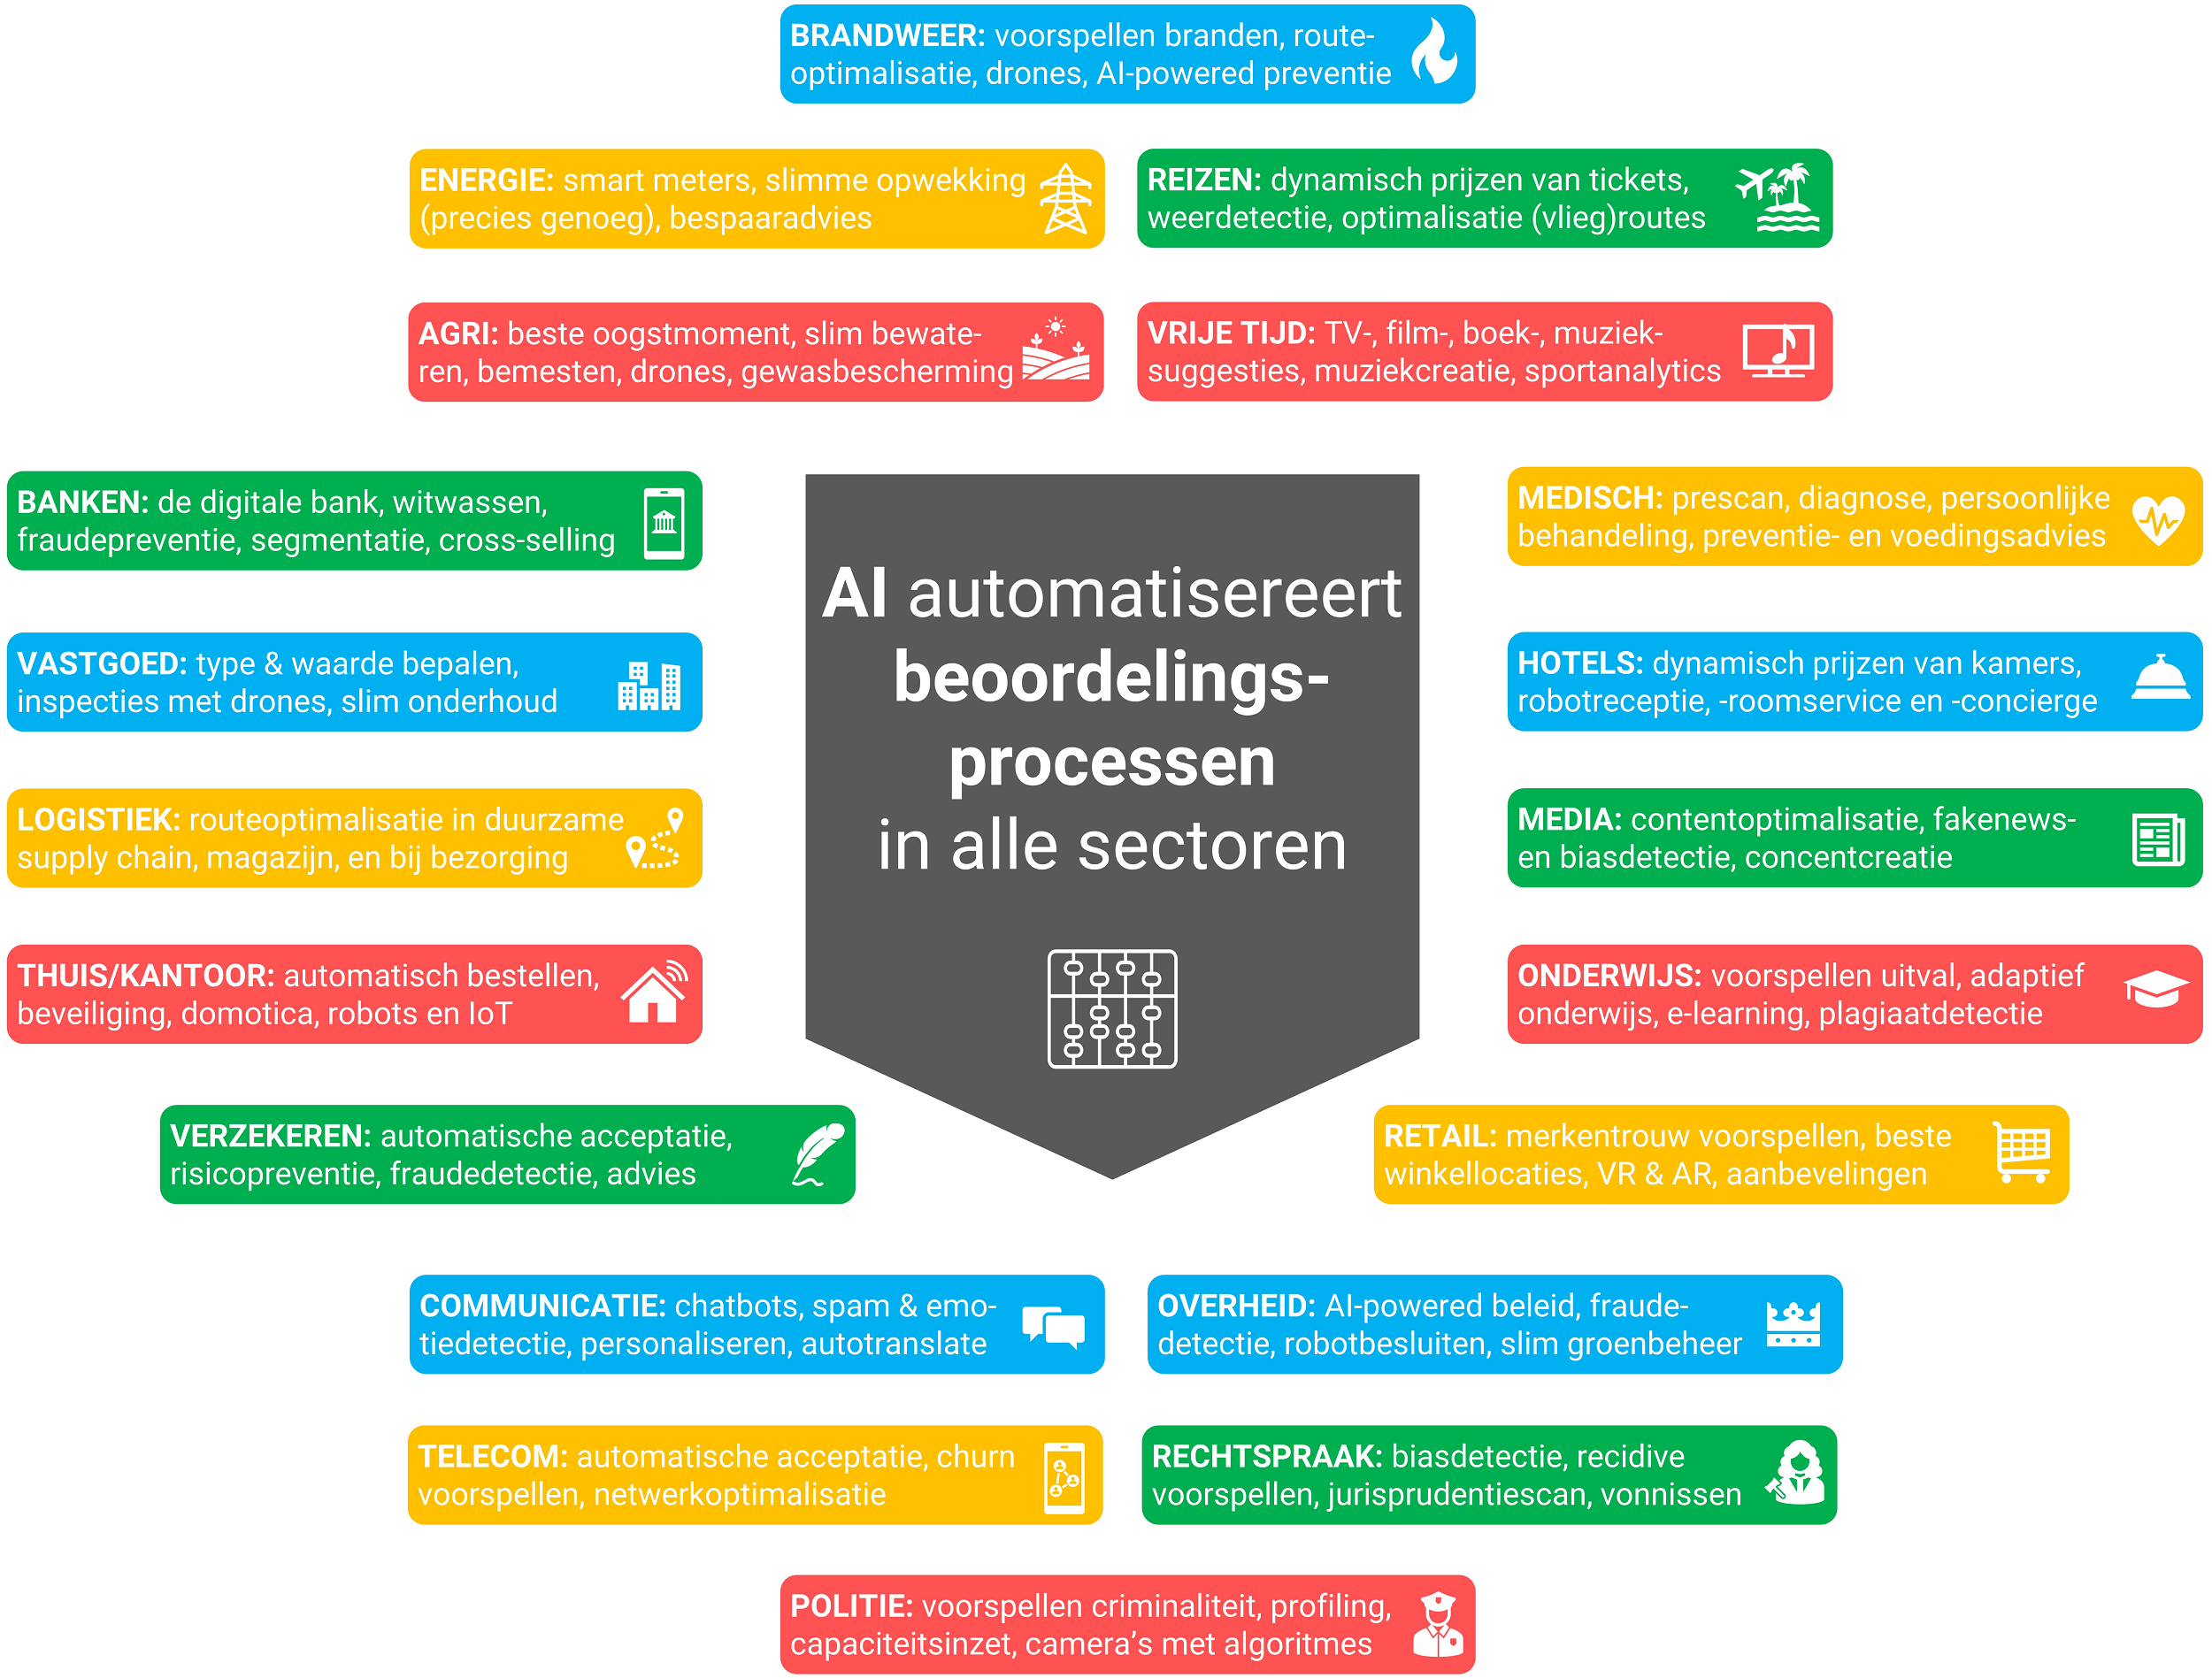 De AI-toepassingen uitgesplitst naar branches